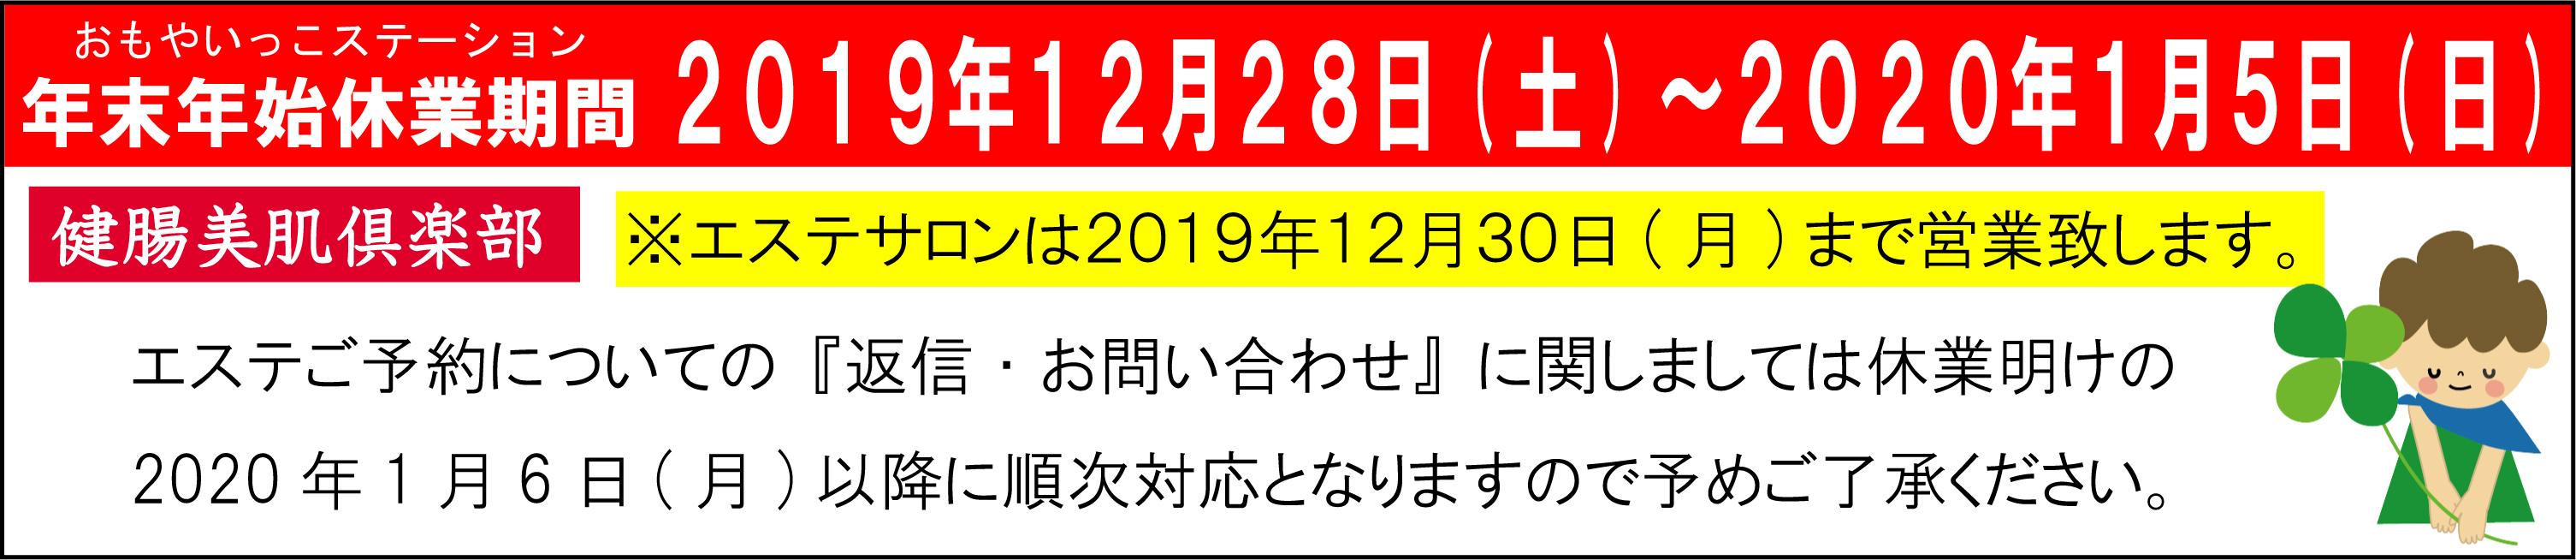 年末年始休業期間 2019/12/28(土)~2020/1/5(日)エステサロンは2019/12/30(月)まで営業します。